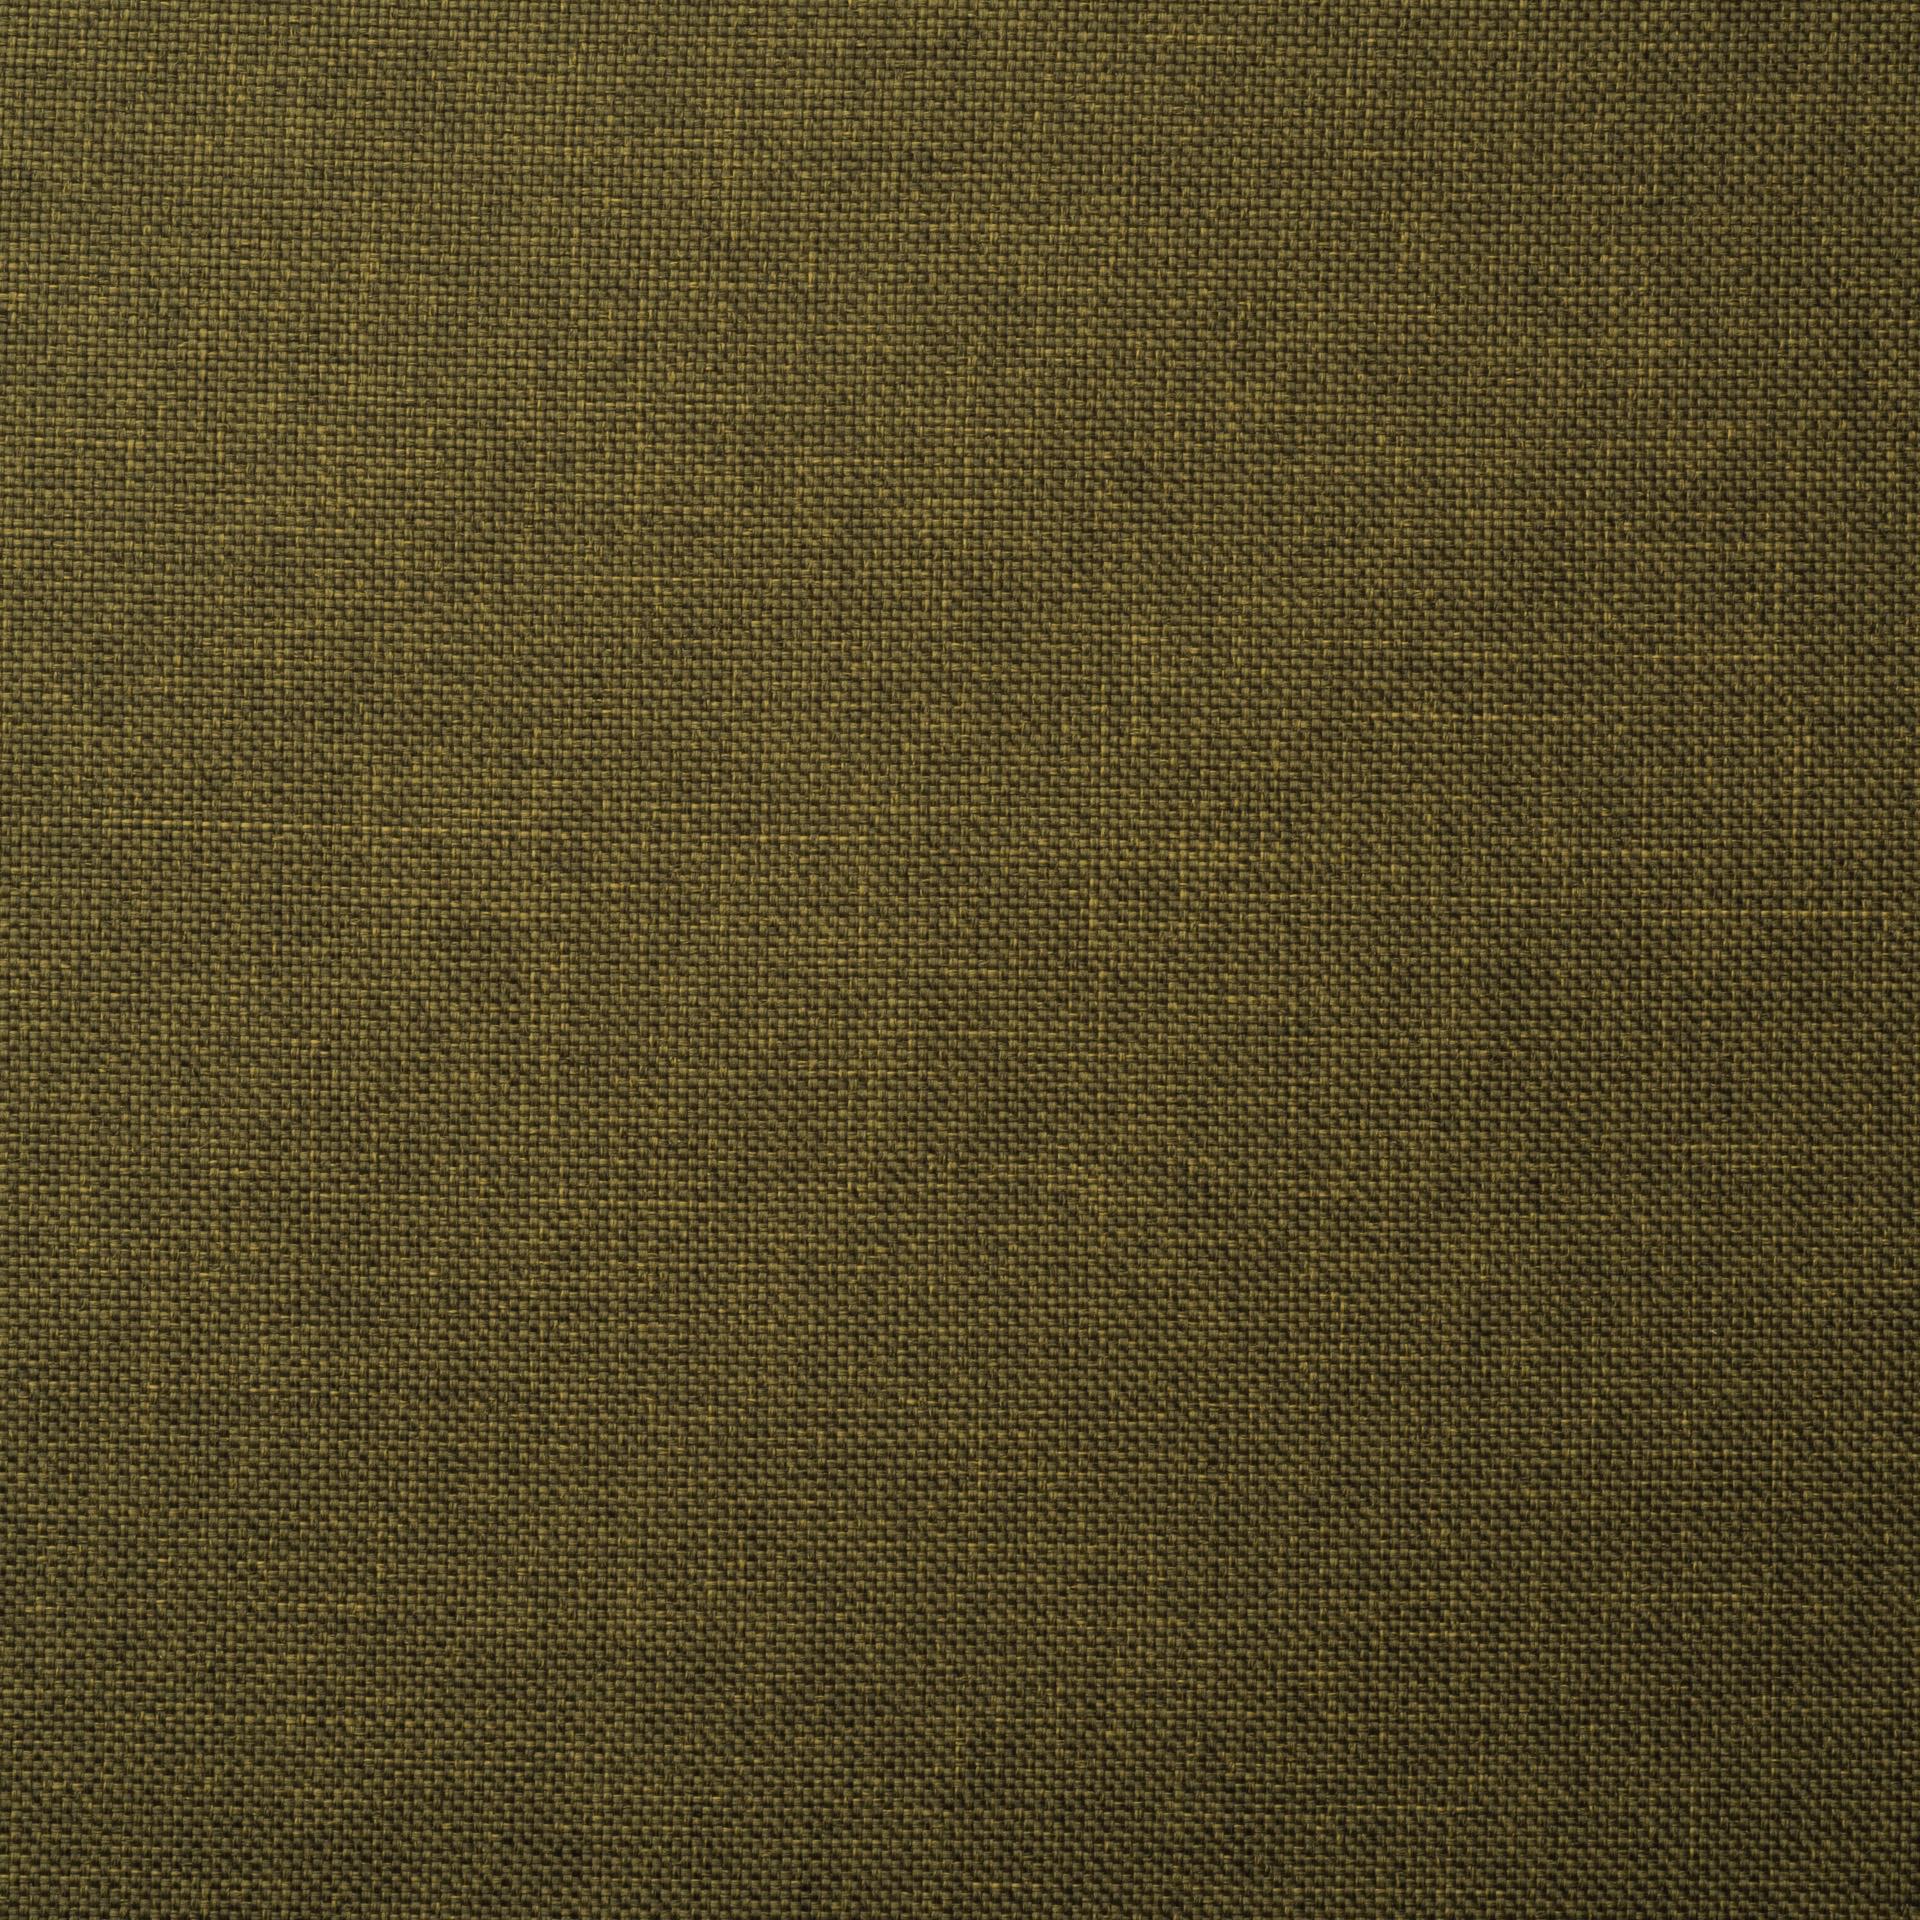 Коллекция ткани Саванна nova 23 Khaki,  купить ткань Жаккард для мебели Украина